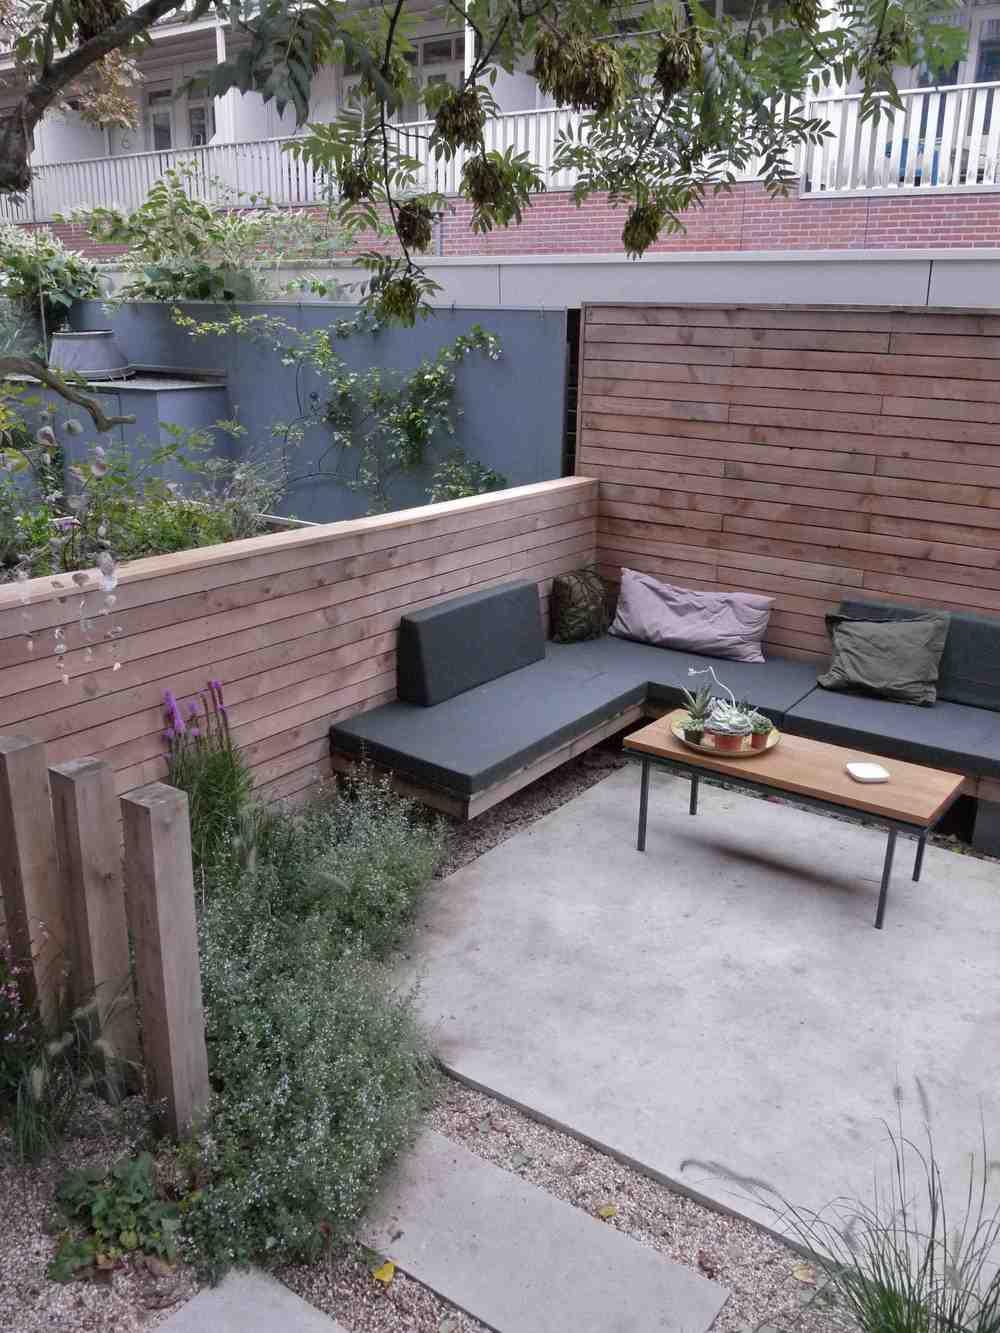 tuinen ons verhaal tuinblog verandau0026#39;s bijgebouwen contact